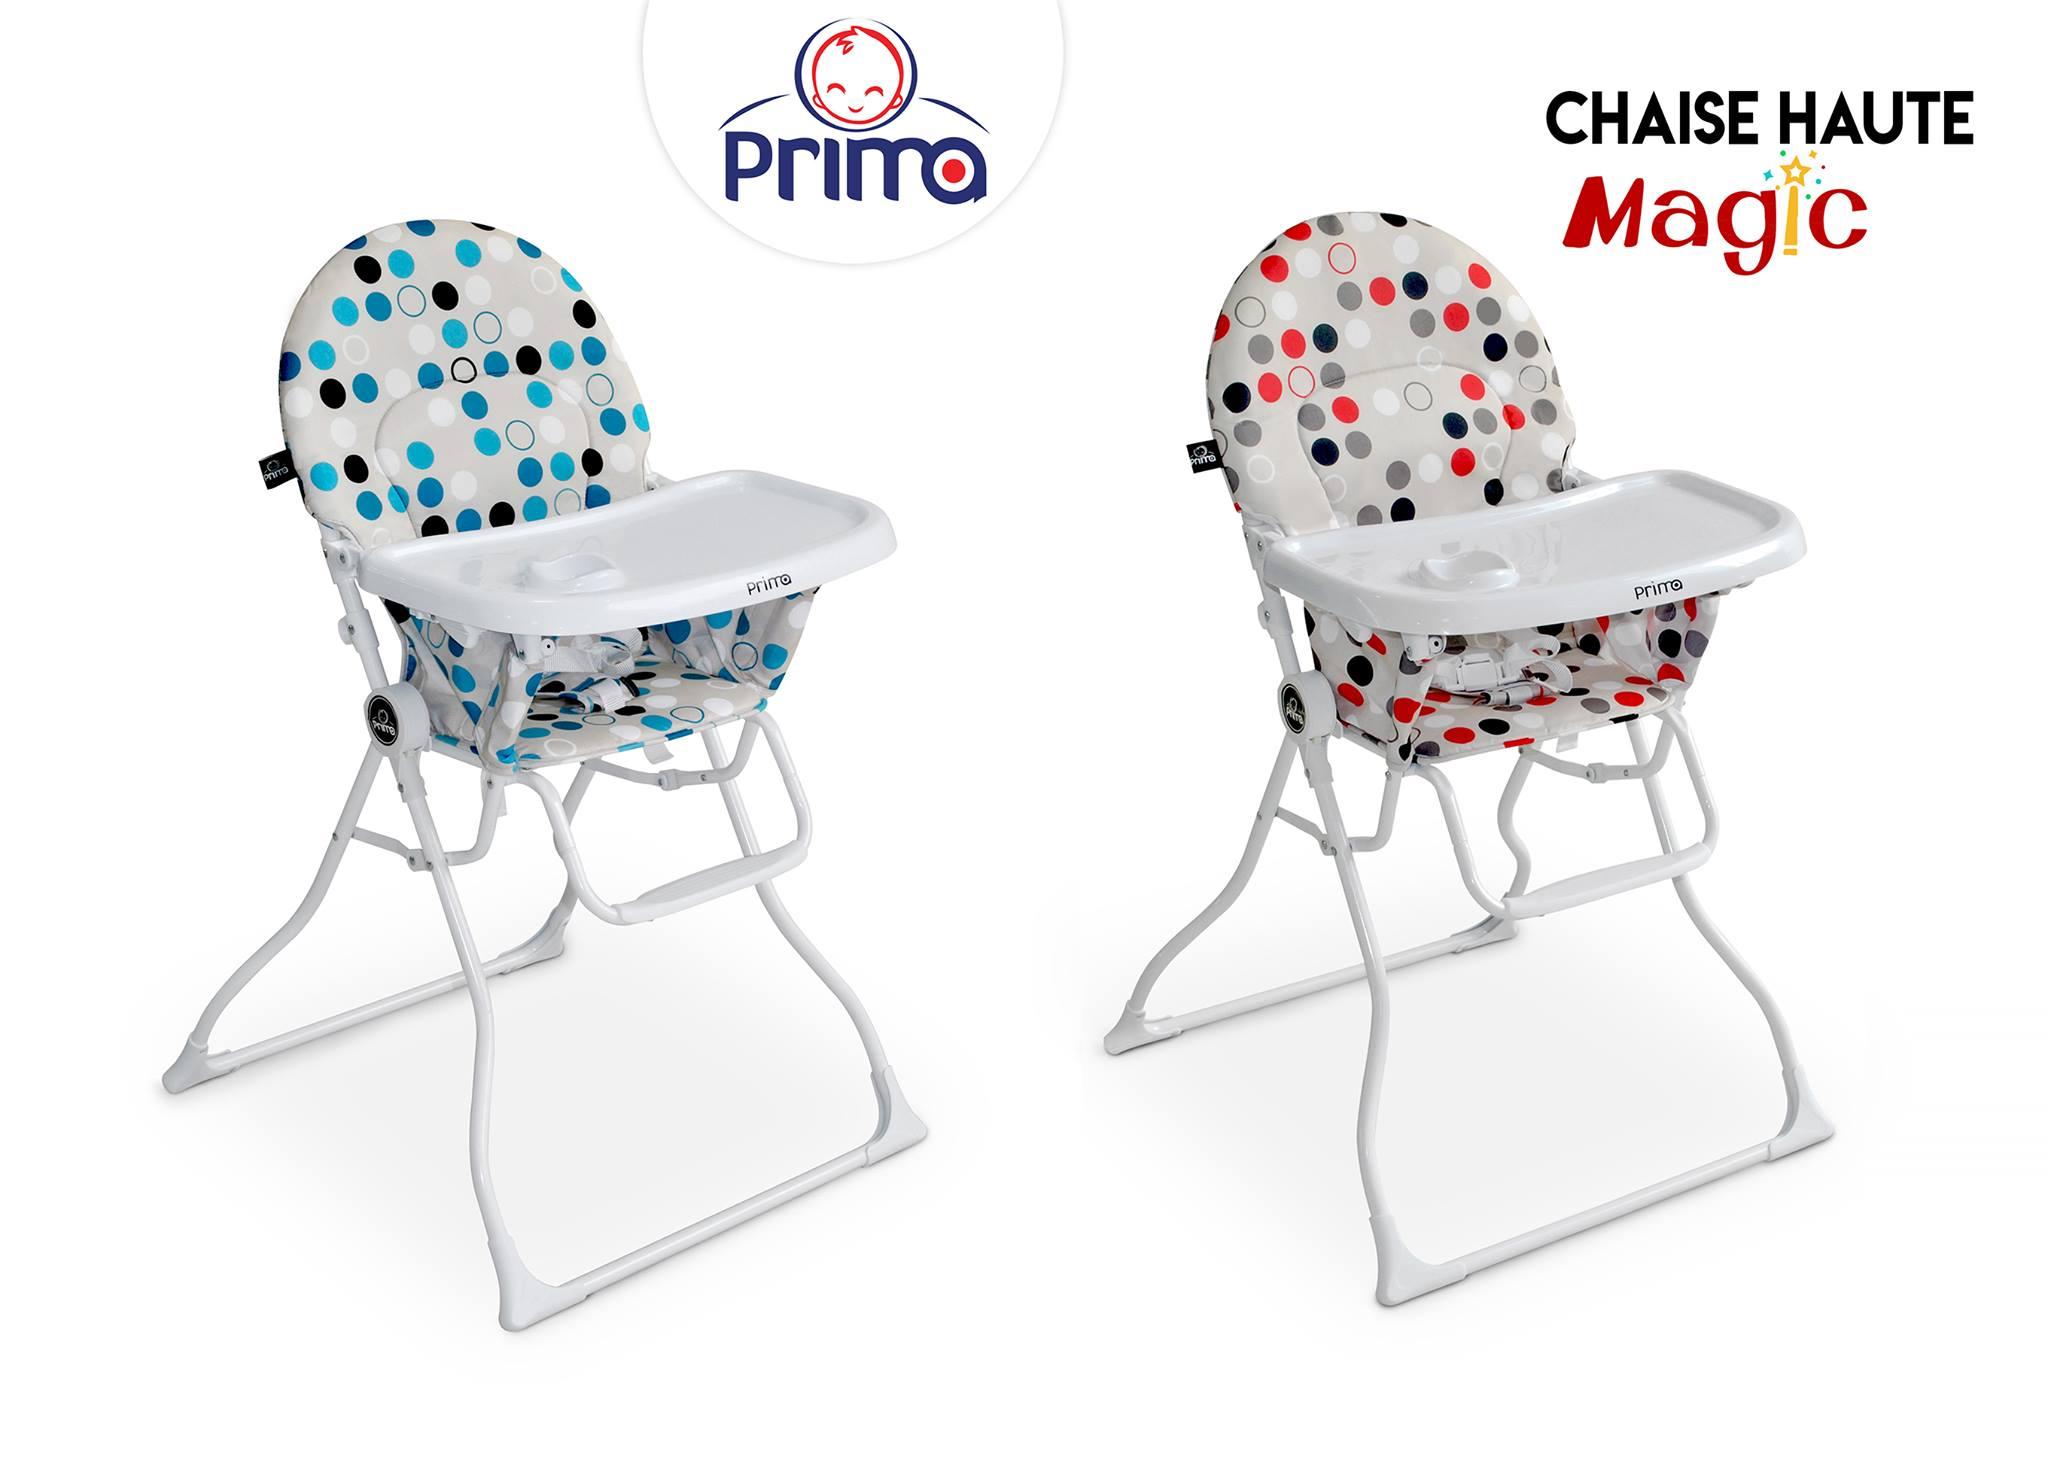 chaise magic